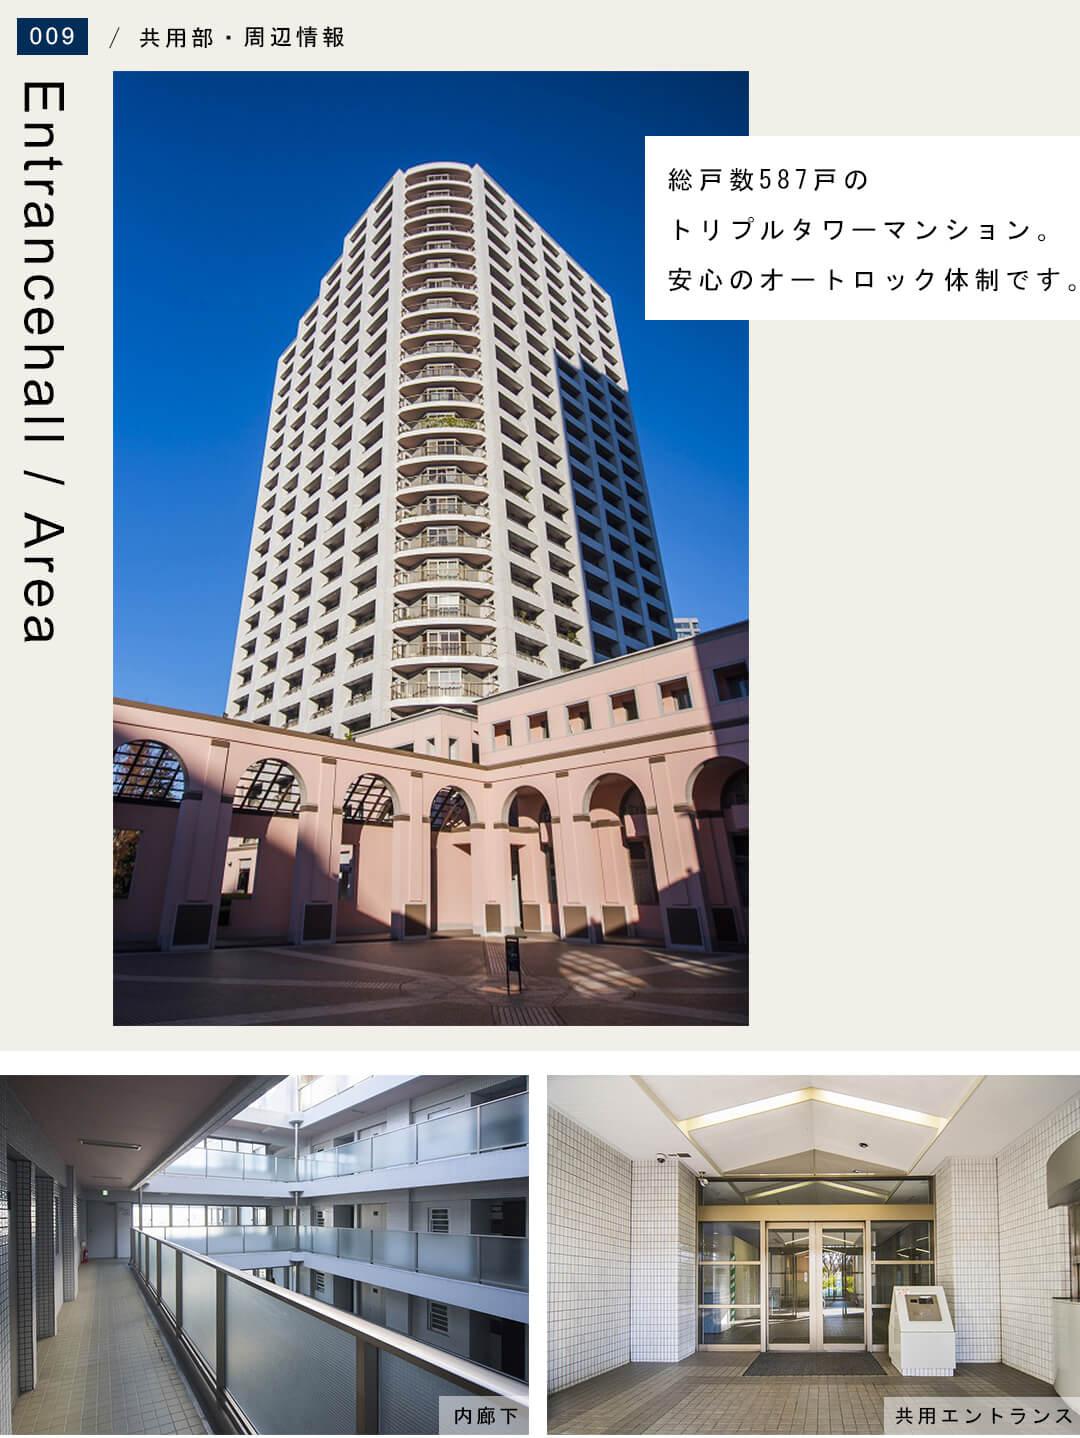 西戸山タワーホウムズノースタワーの外観と共用部